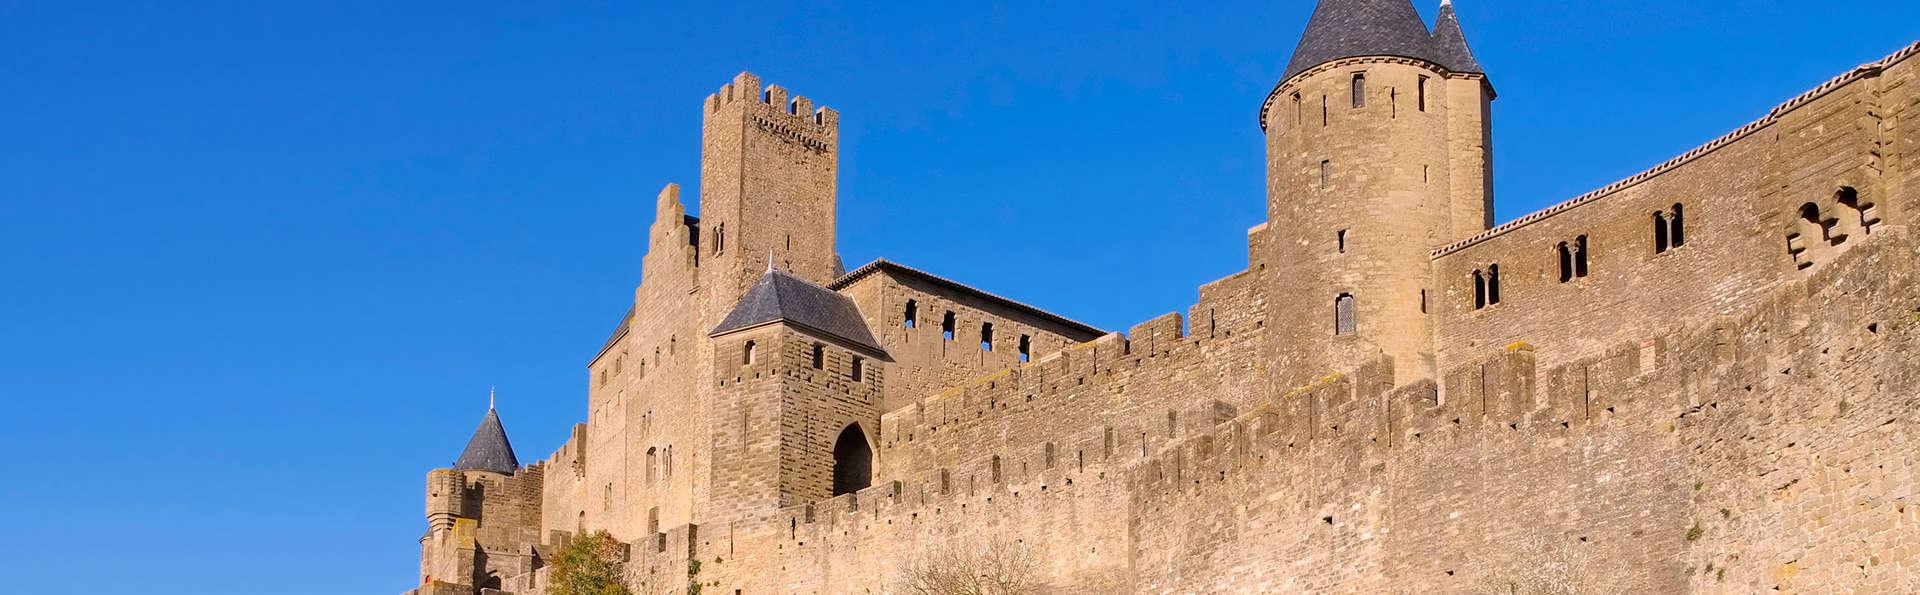 Descubre Carcassonne con entradas para el castillo y las murallas